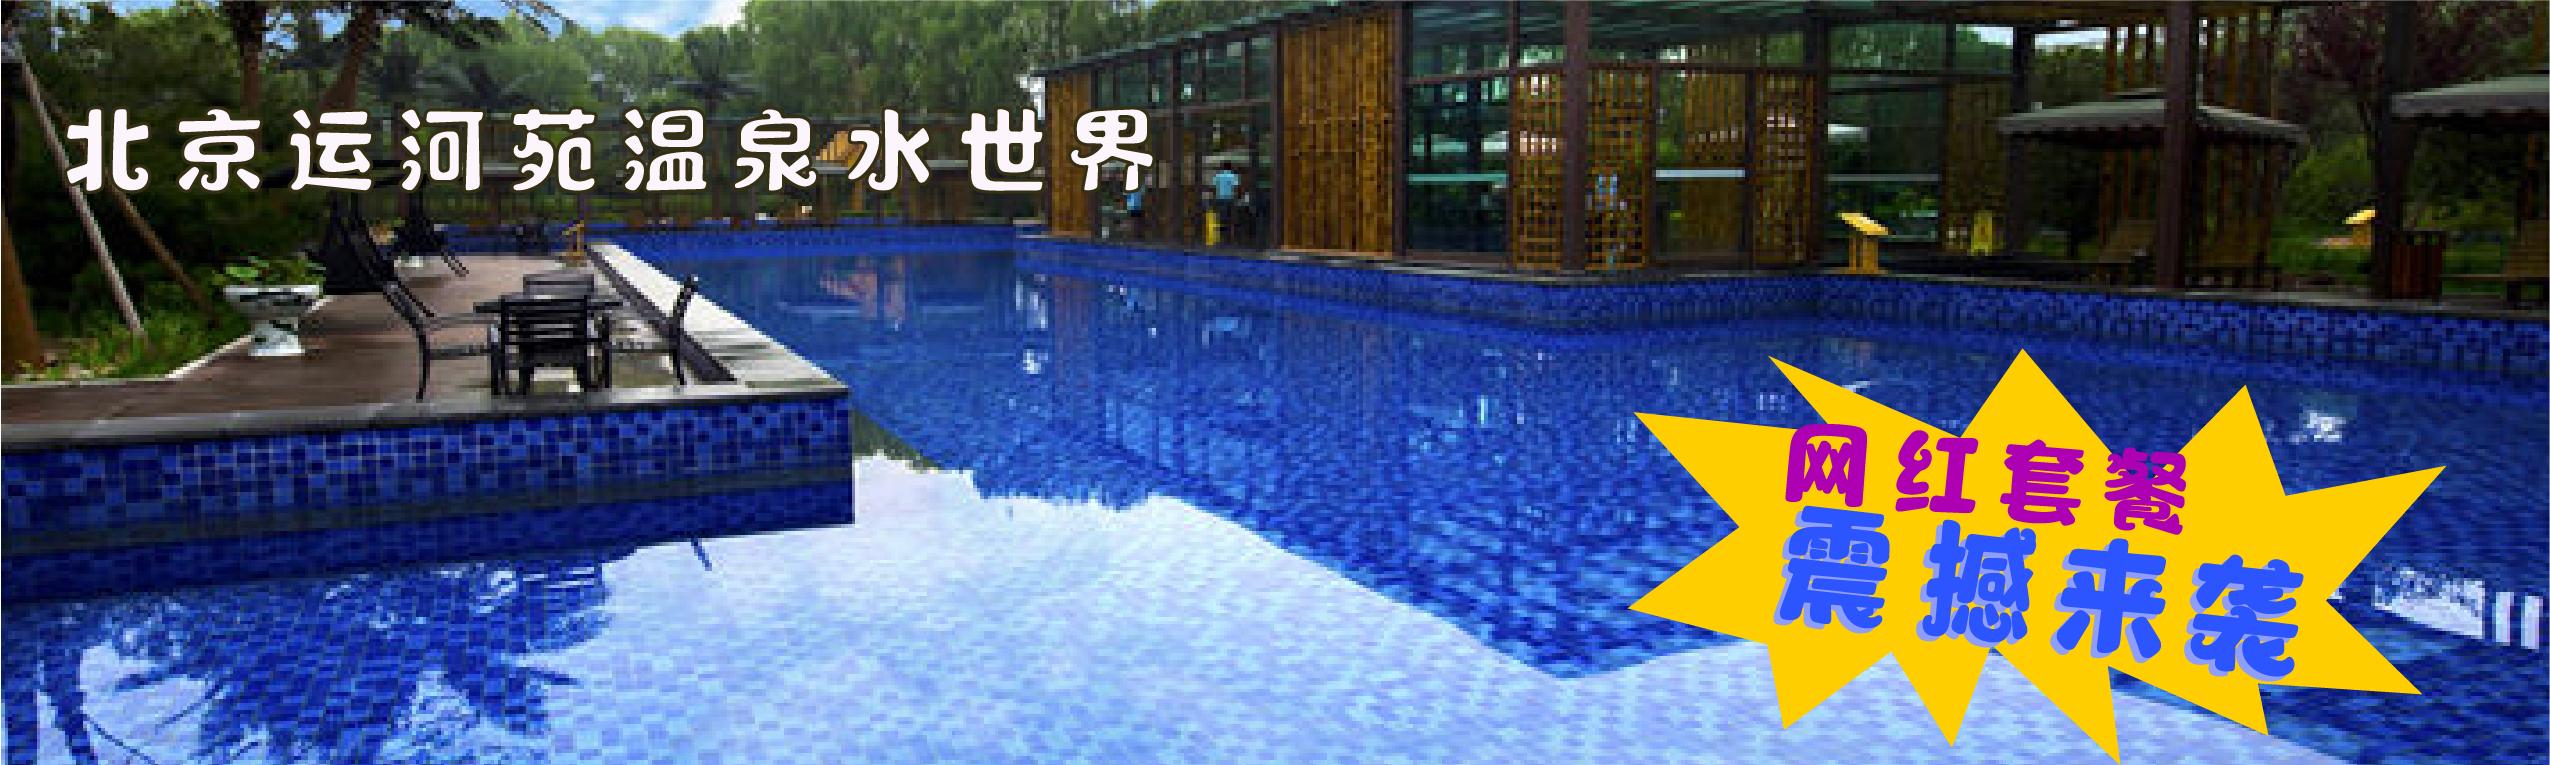 北京�\河苑�厝�水世界